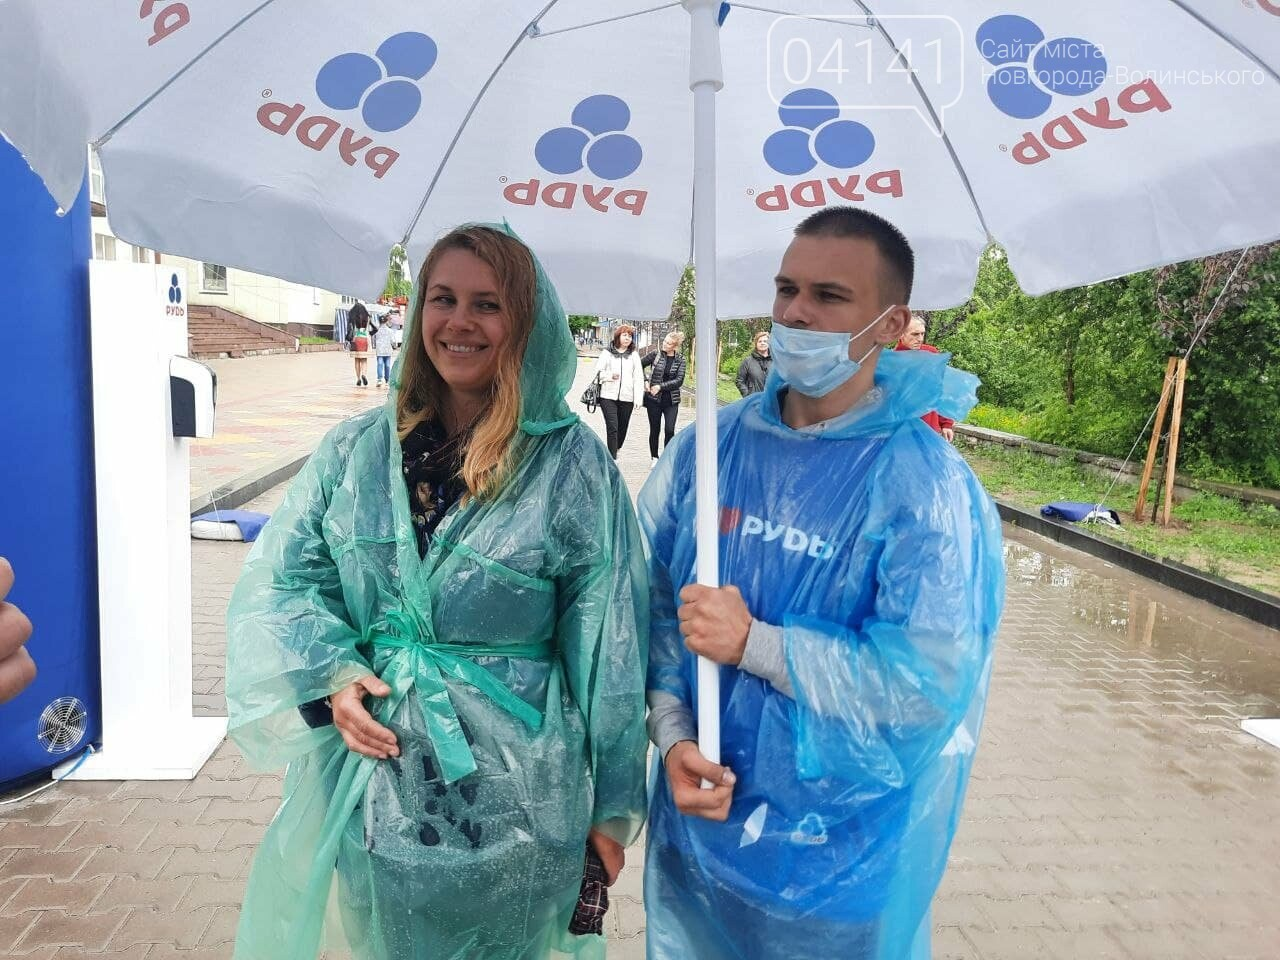 У Новограді-Волинському відбулося Свято Морозива від компанії «Рудь», фото-3